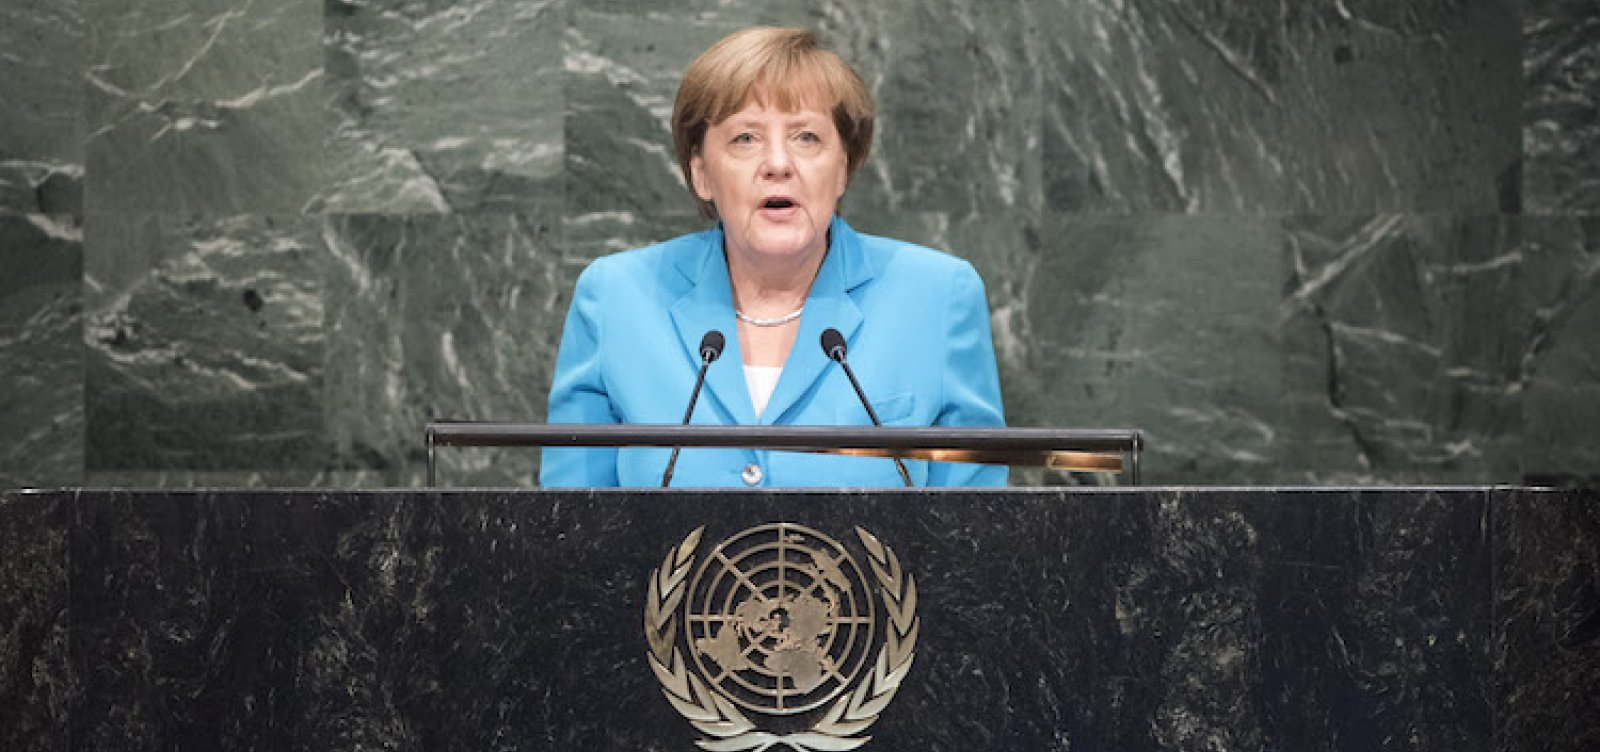 Eleitores alemães decidem neste domingo o sucessor de Angela Merkel